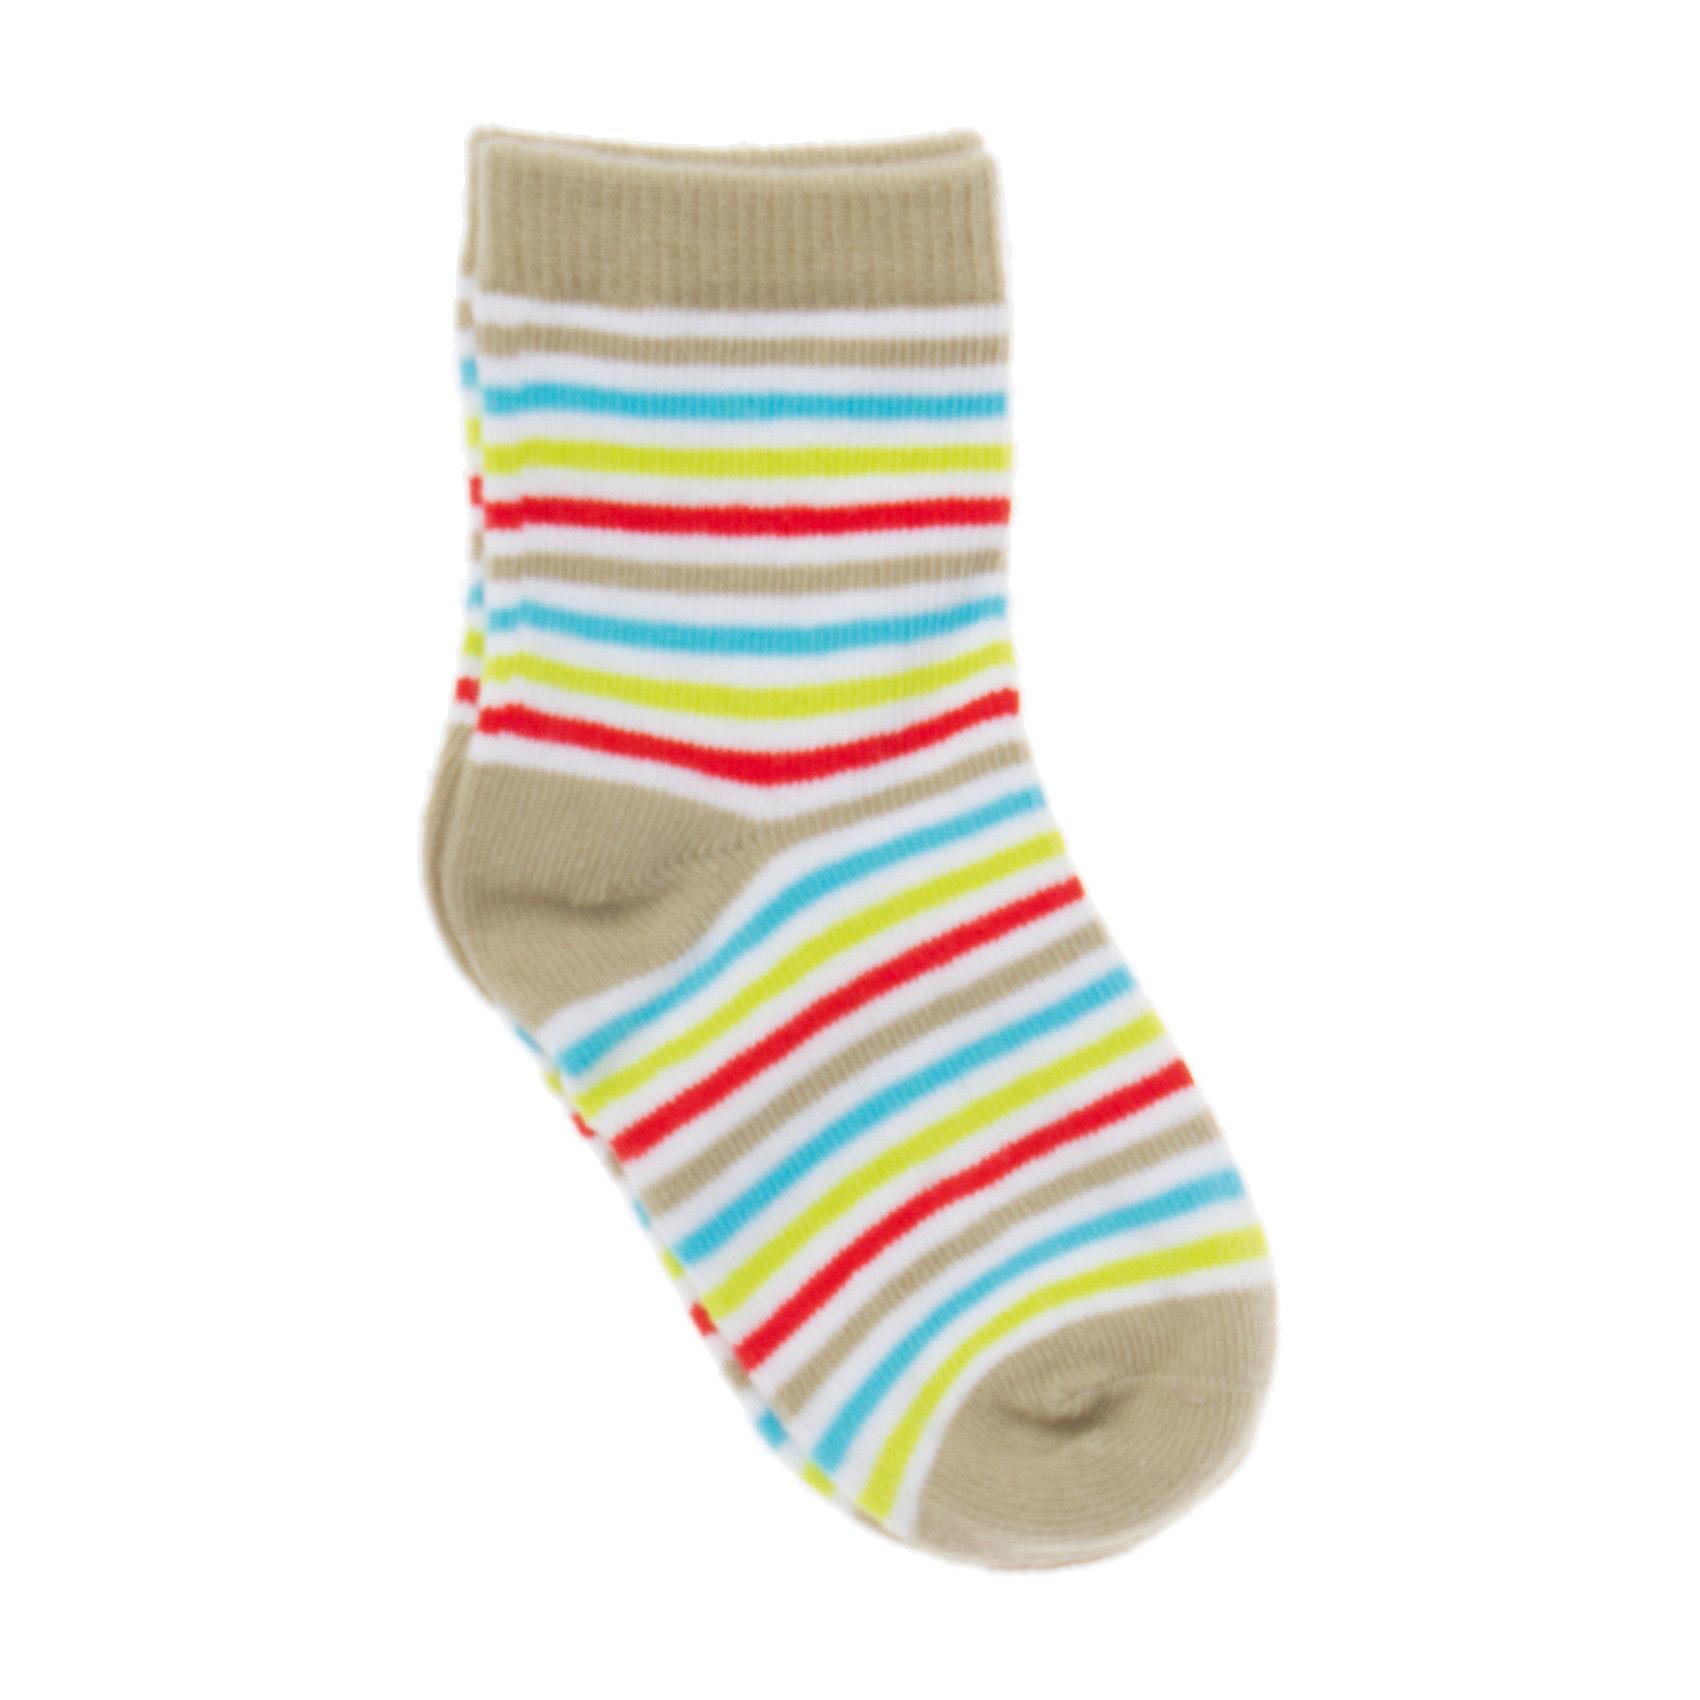 Носки для мальчика PlayTodayНоски для мальчика PlayToday <br><br>Состав: 75% хлопок, 22% нейлон, 3% эластан <br><br>Верх на резинке<br>Цветные полоски<br><br>Ширина мм: 87<br>Глубина мм: 10<br>Высота мм: 105<br>Вес г: 115<br>Цвет: разноцветный<br>Возраст от месяцев: 9<br>Возраст до месяцев: 15<br>Пол: Мужской<br>Возраст: Детский<br>Размер: 10,12<br>SKU: 4502951